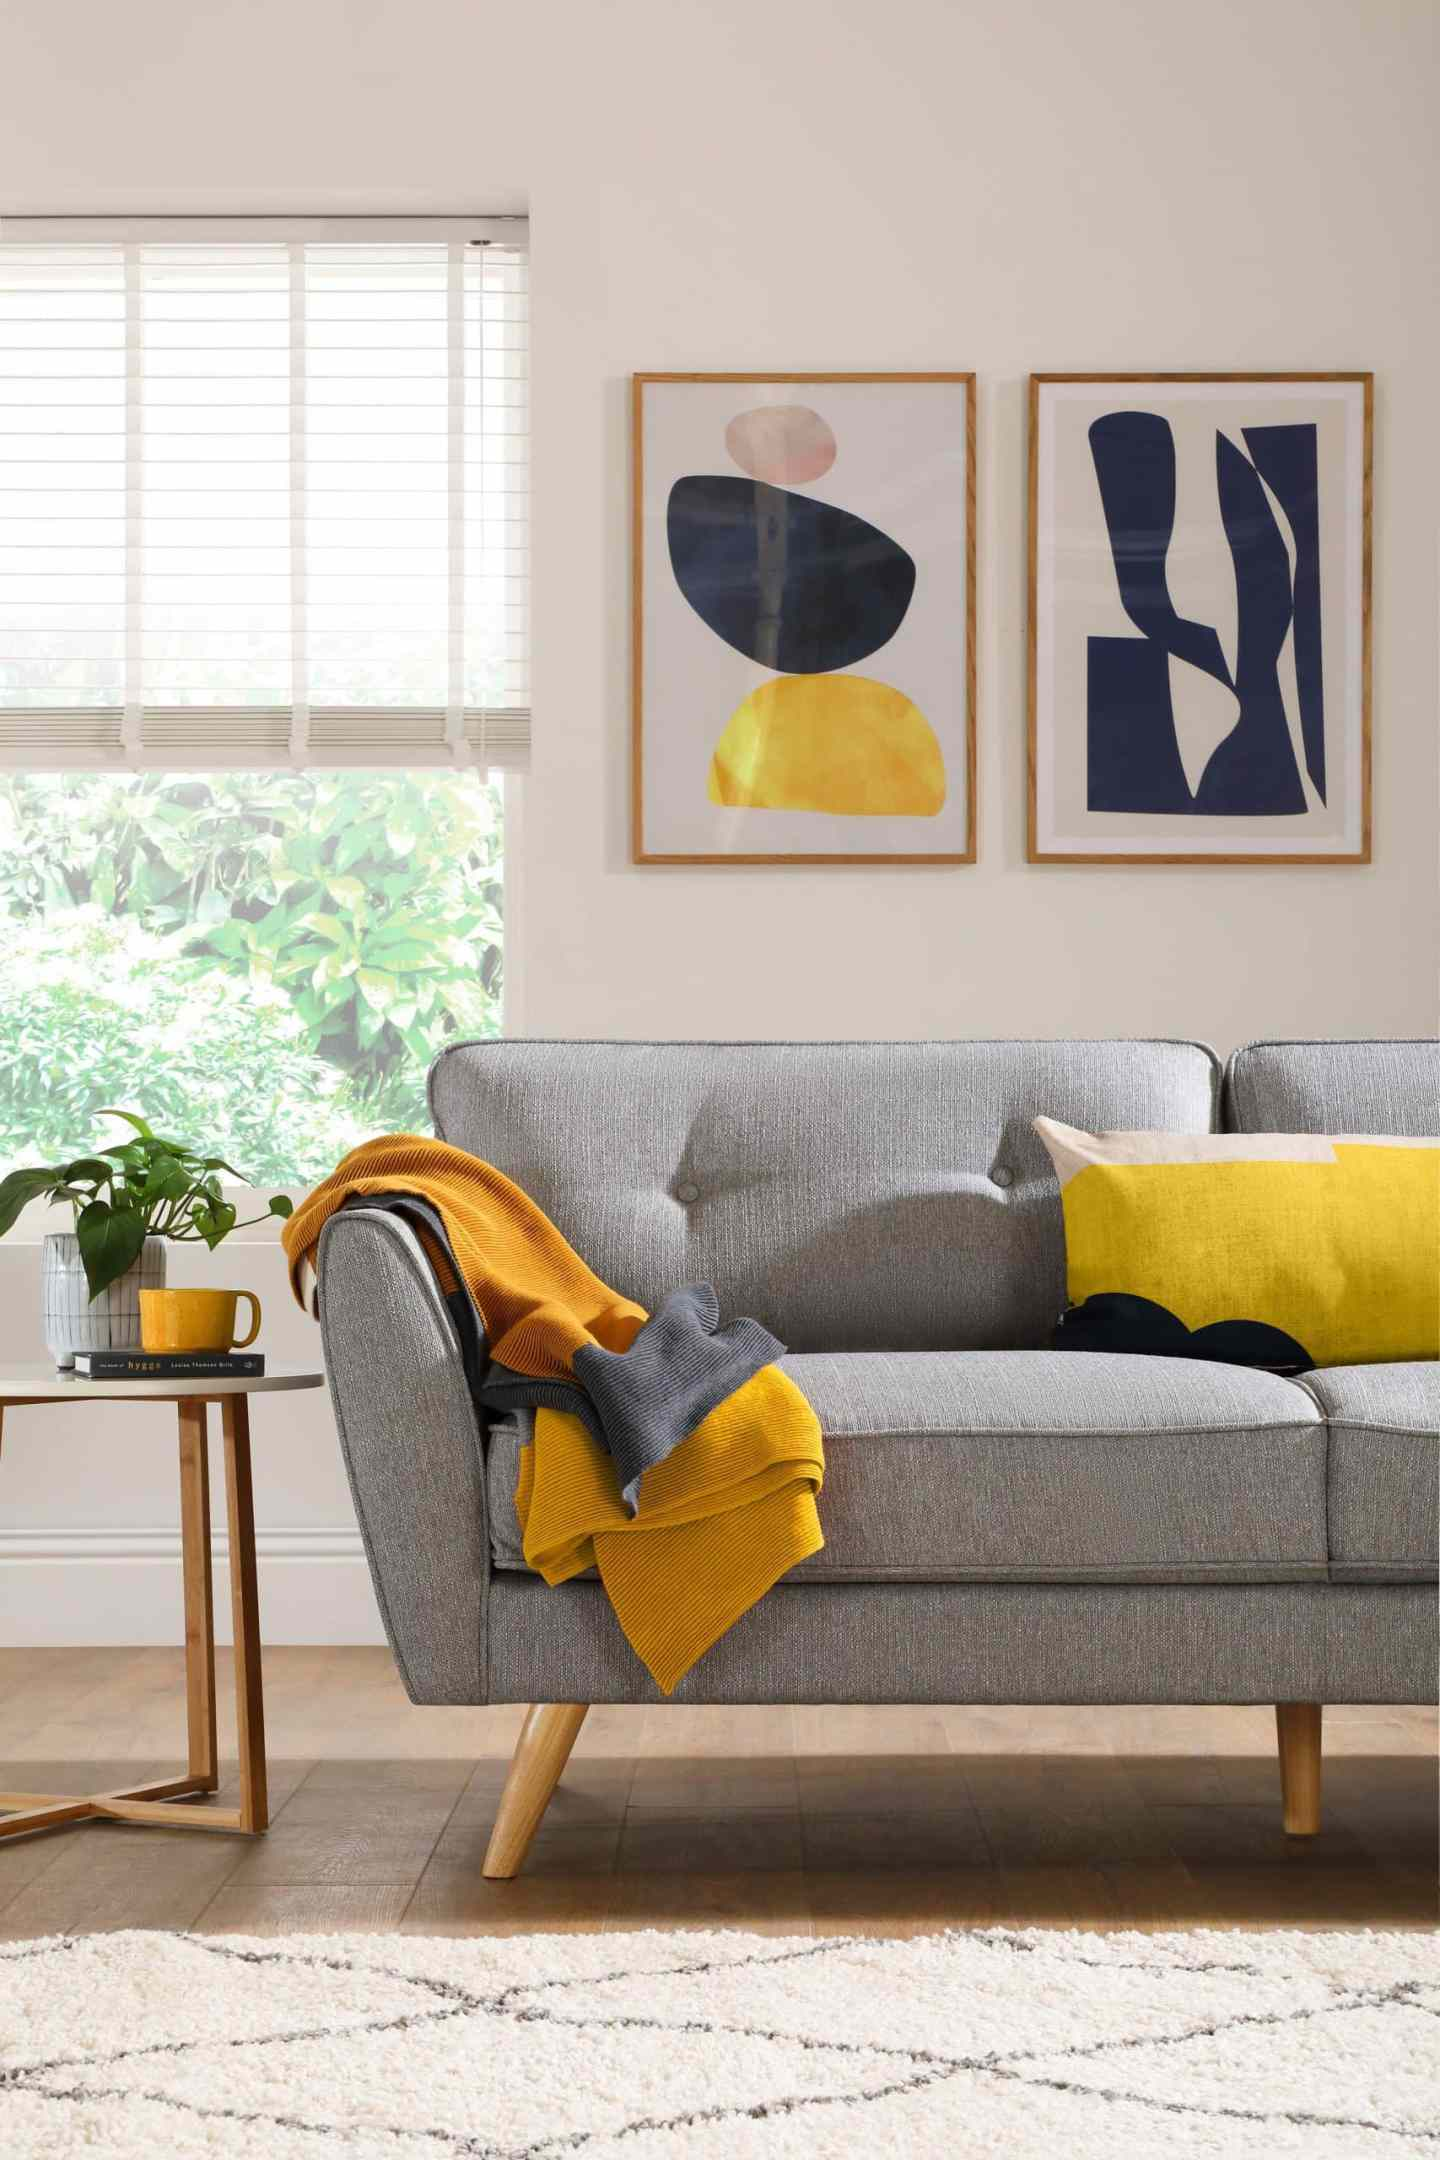 parlak sarı atma ve yastık ve soyut sanat ile gri kanepe